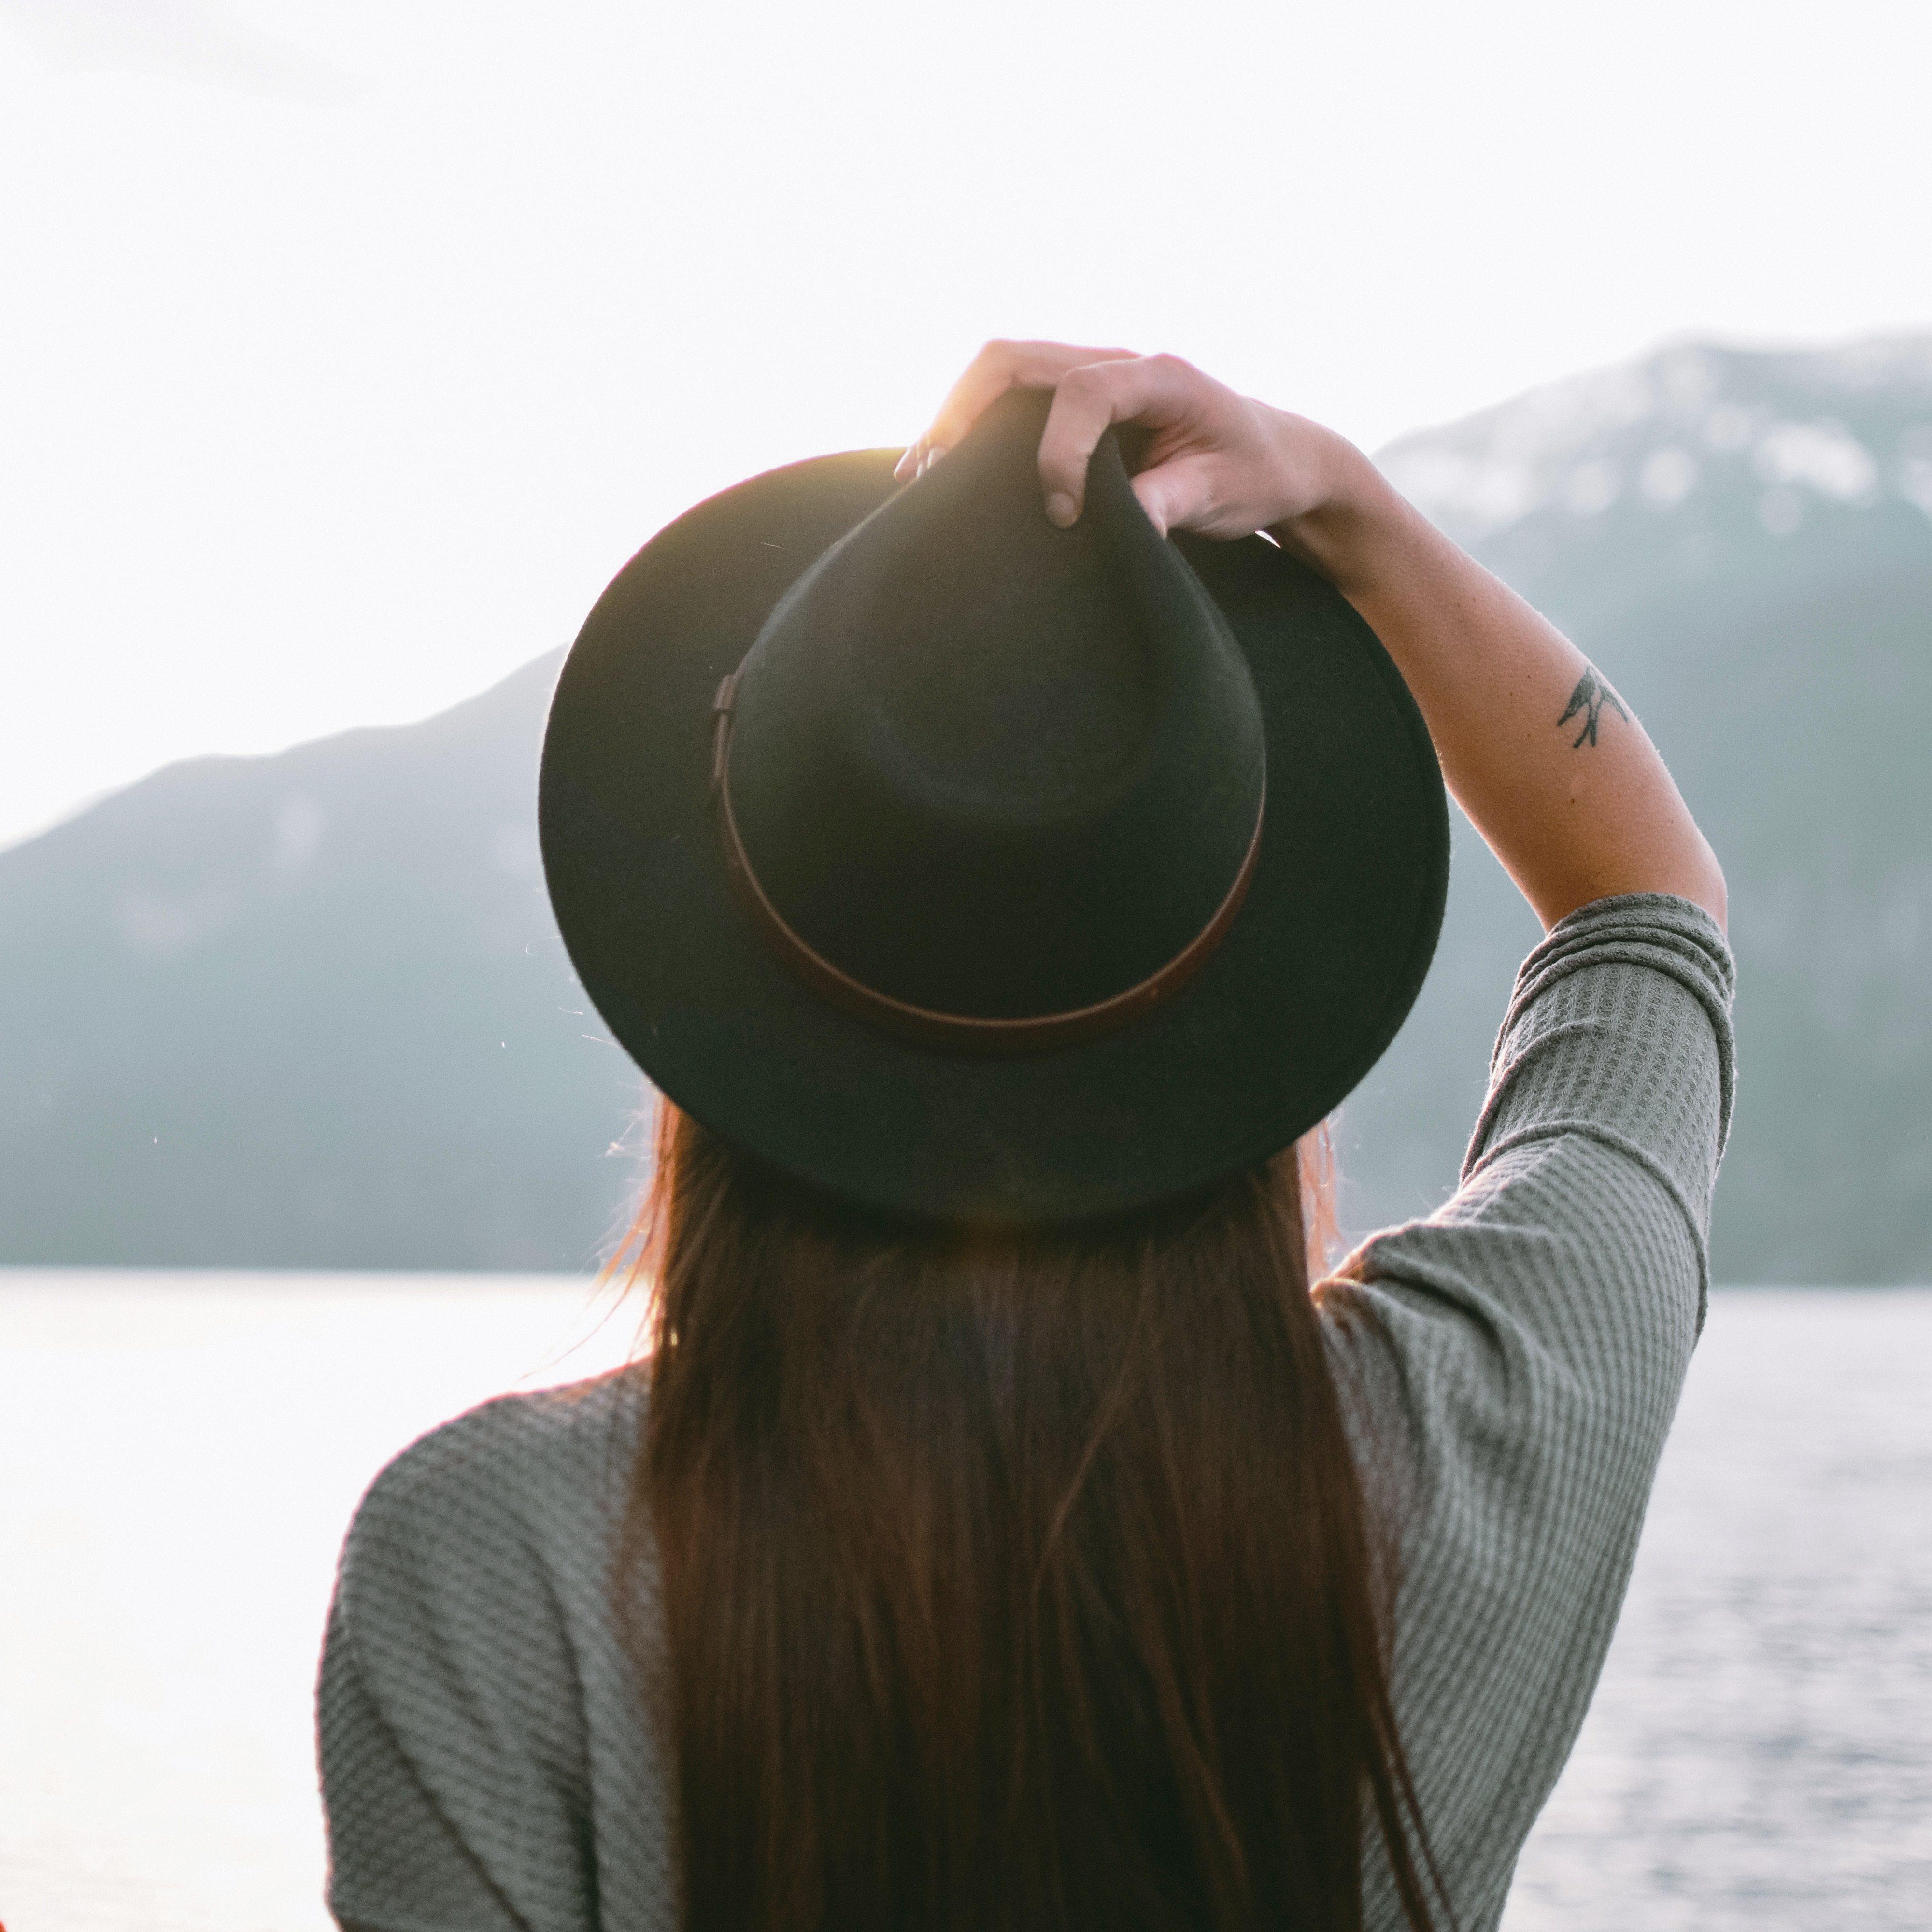 Cappello donna Feltro, cappello donna feltro tesa larga ...